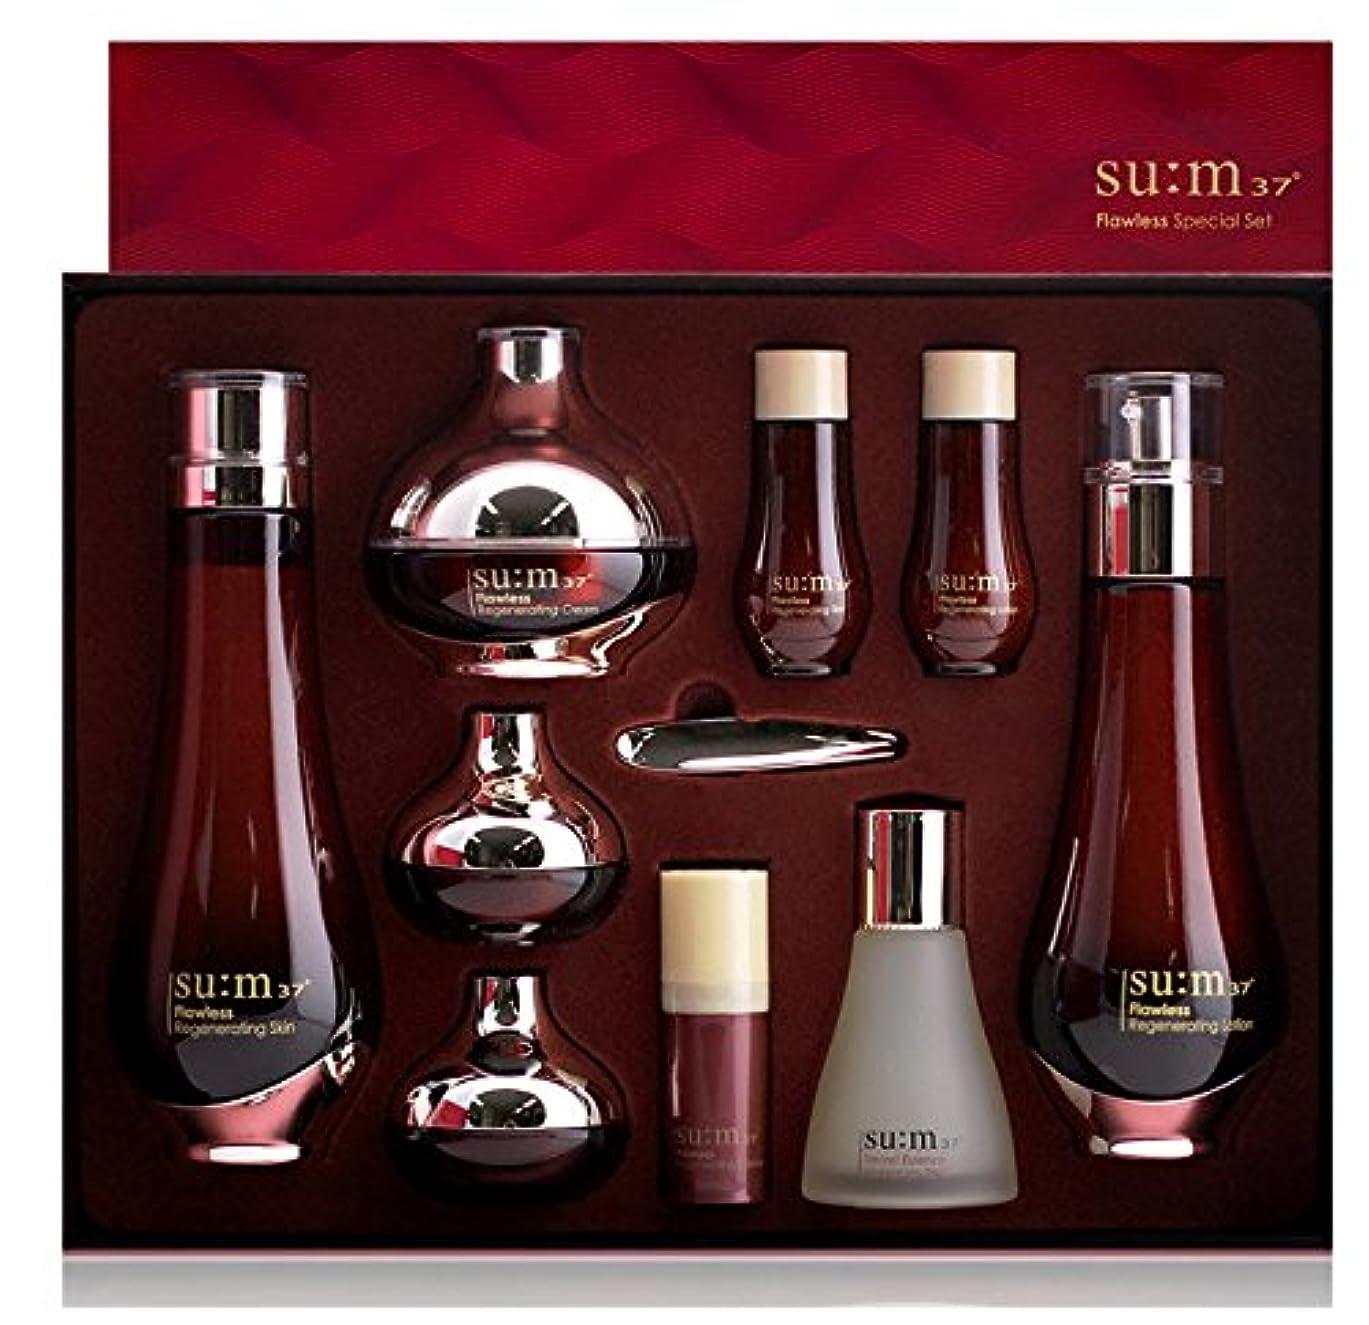 電極焦がす塩辛い[su:m37/スム37°]Flawless 3pcs Special Limited Skincare Set/フローレス3種のスキンケアセット + [Sample Gift](海外直送品)